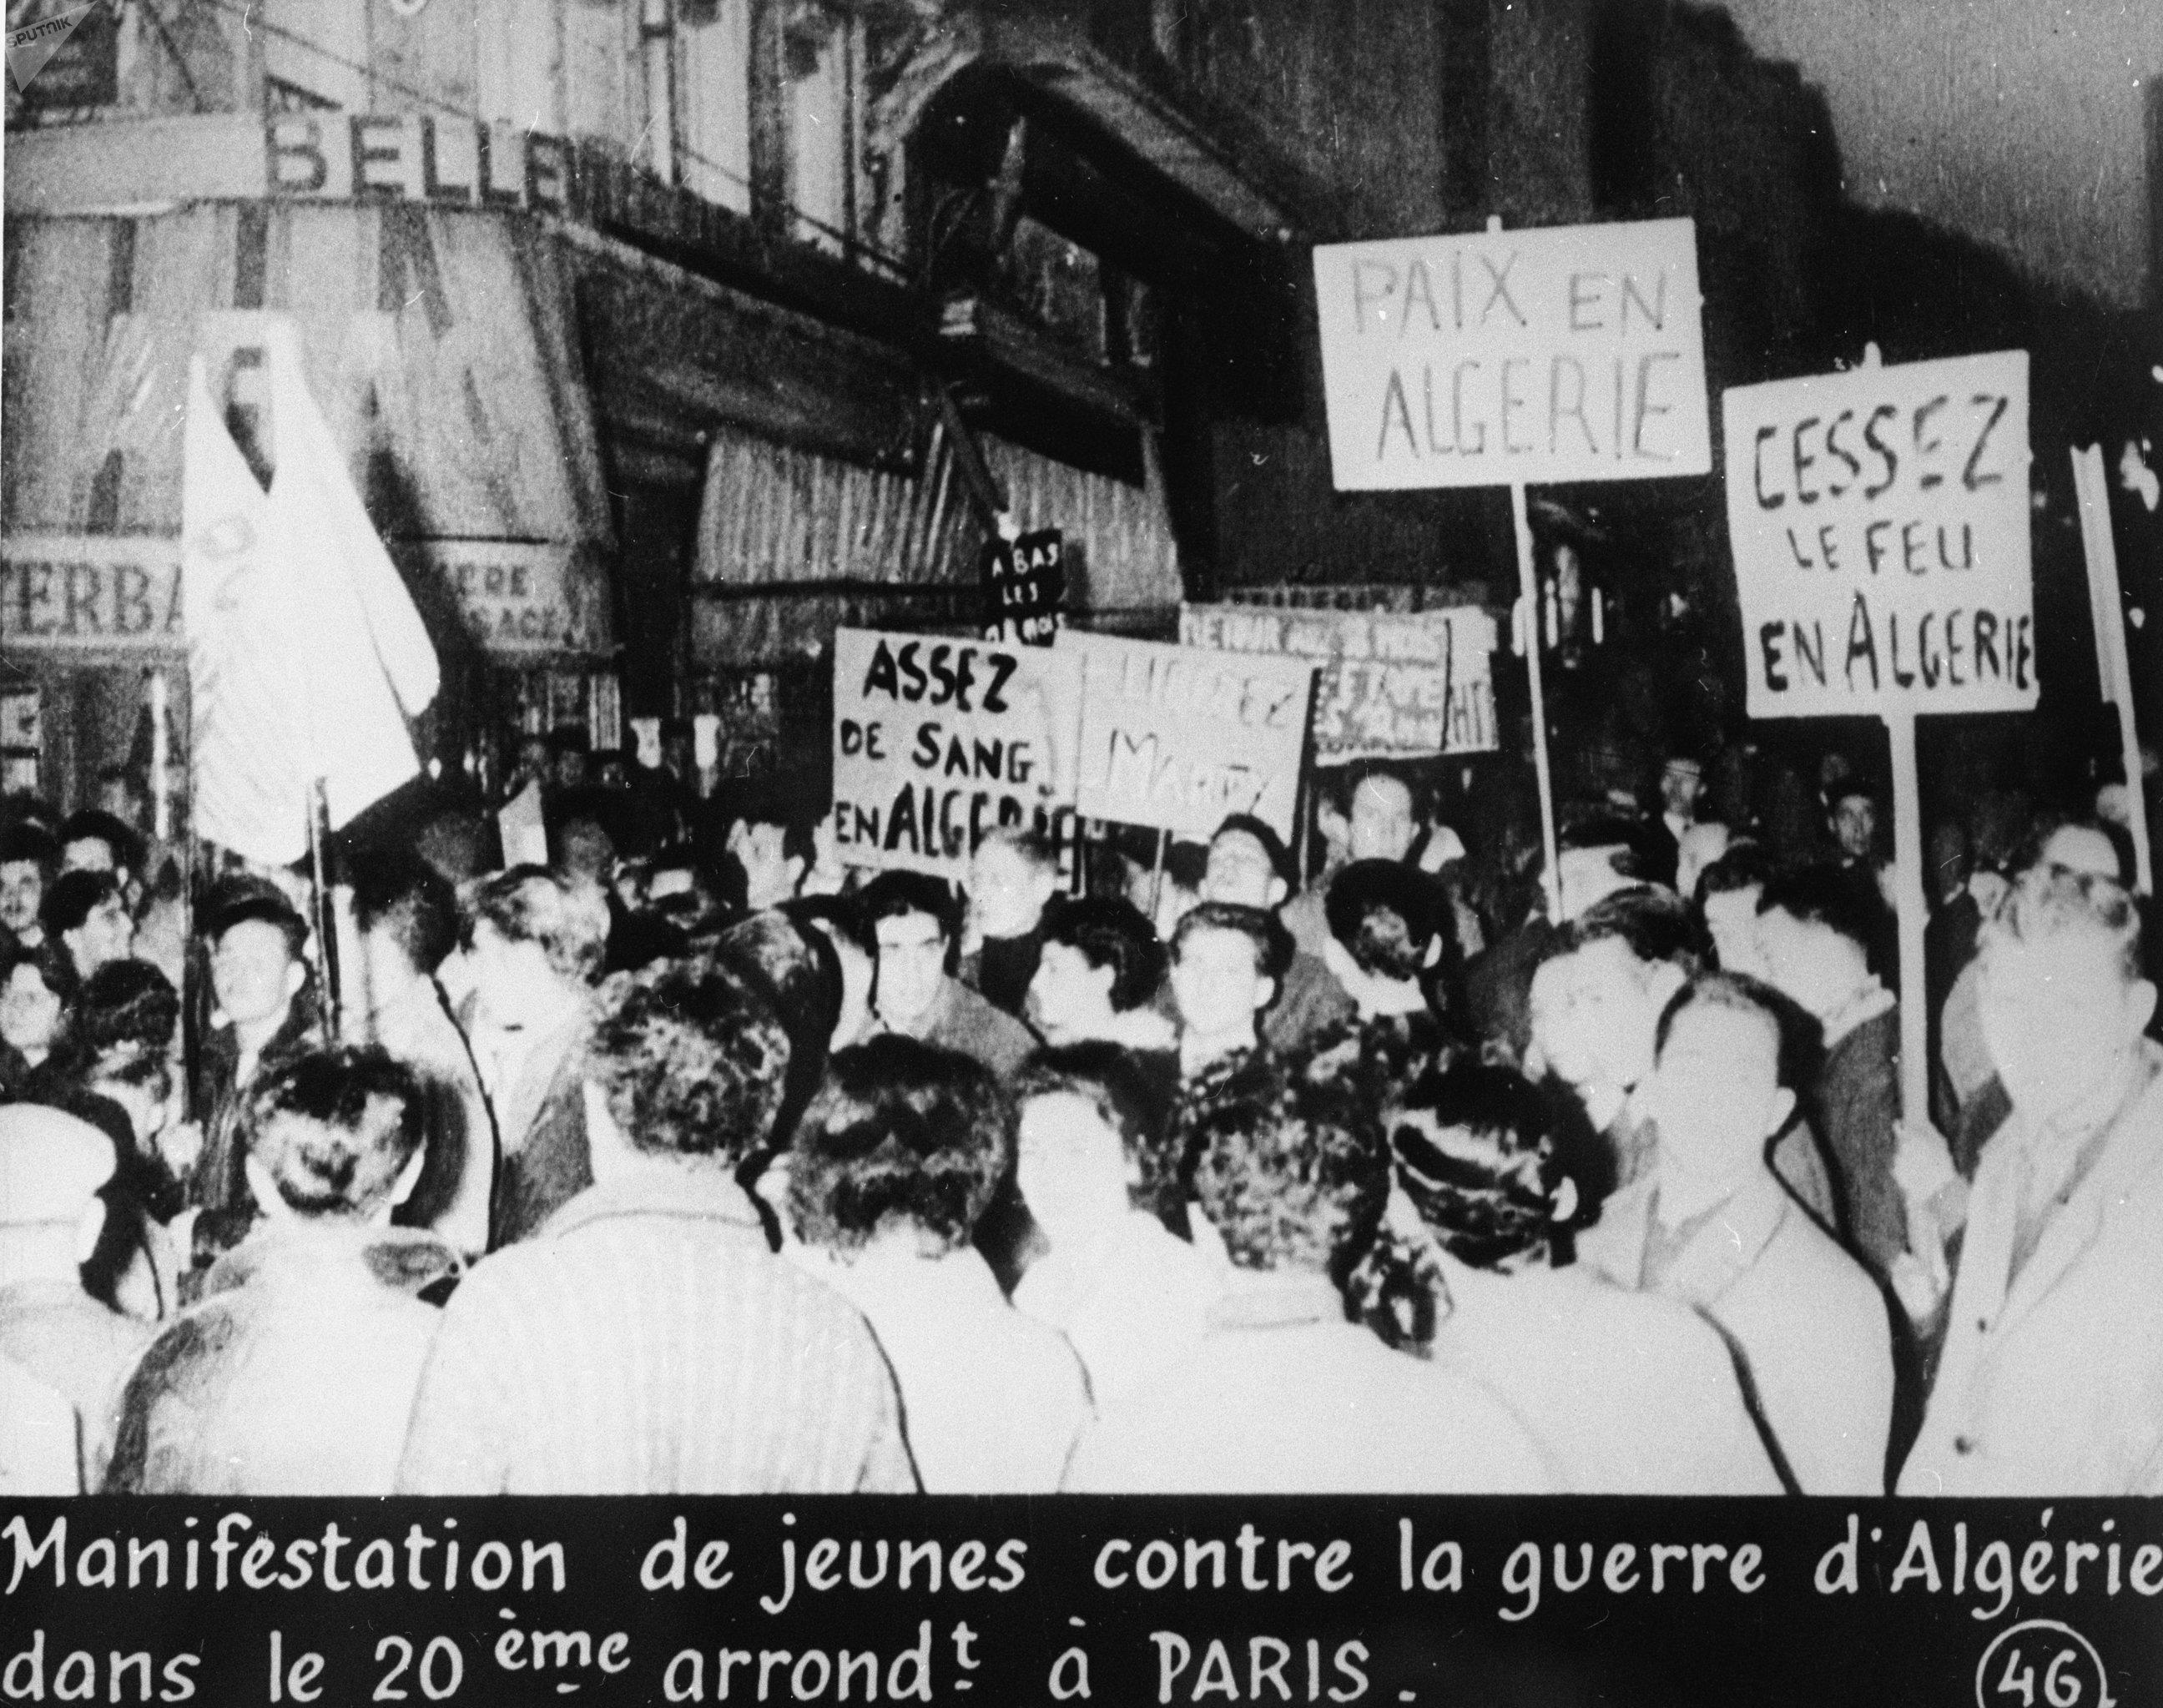 la manifestation contre la guerre en Algérie